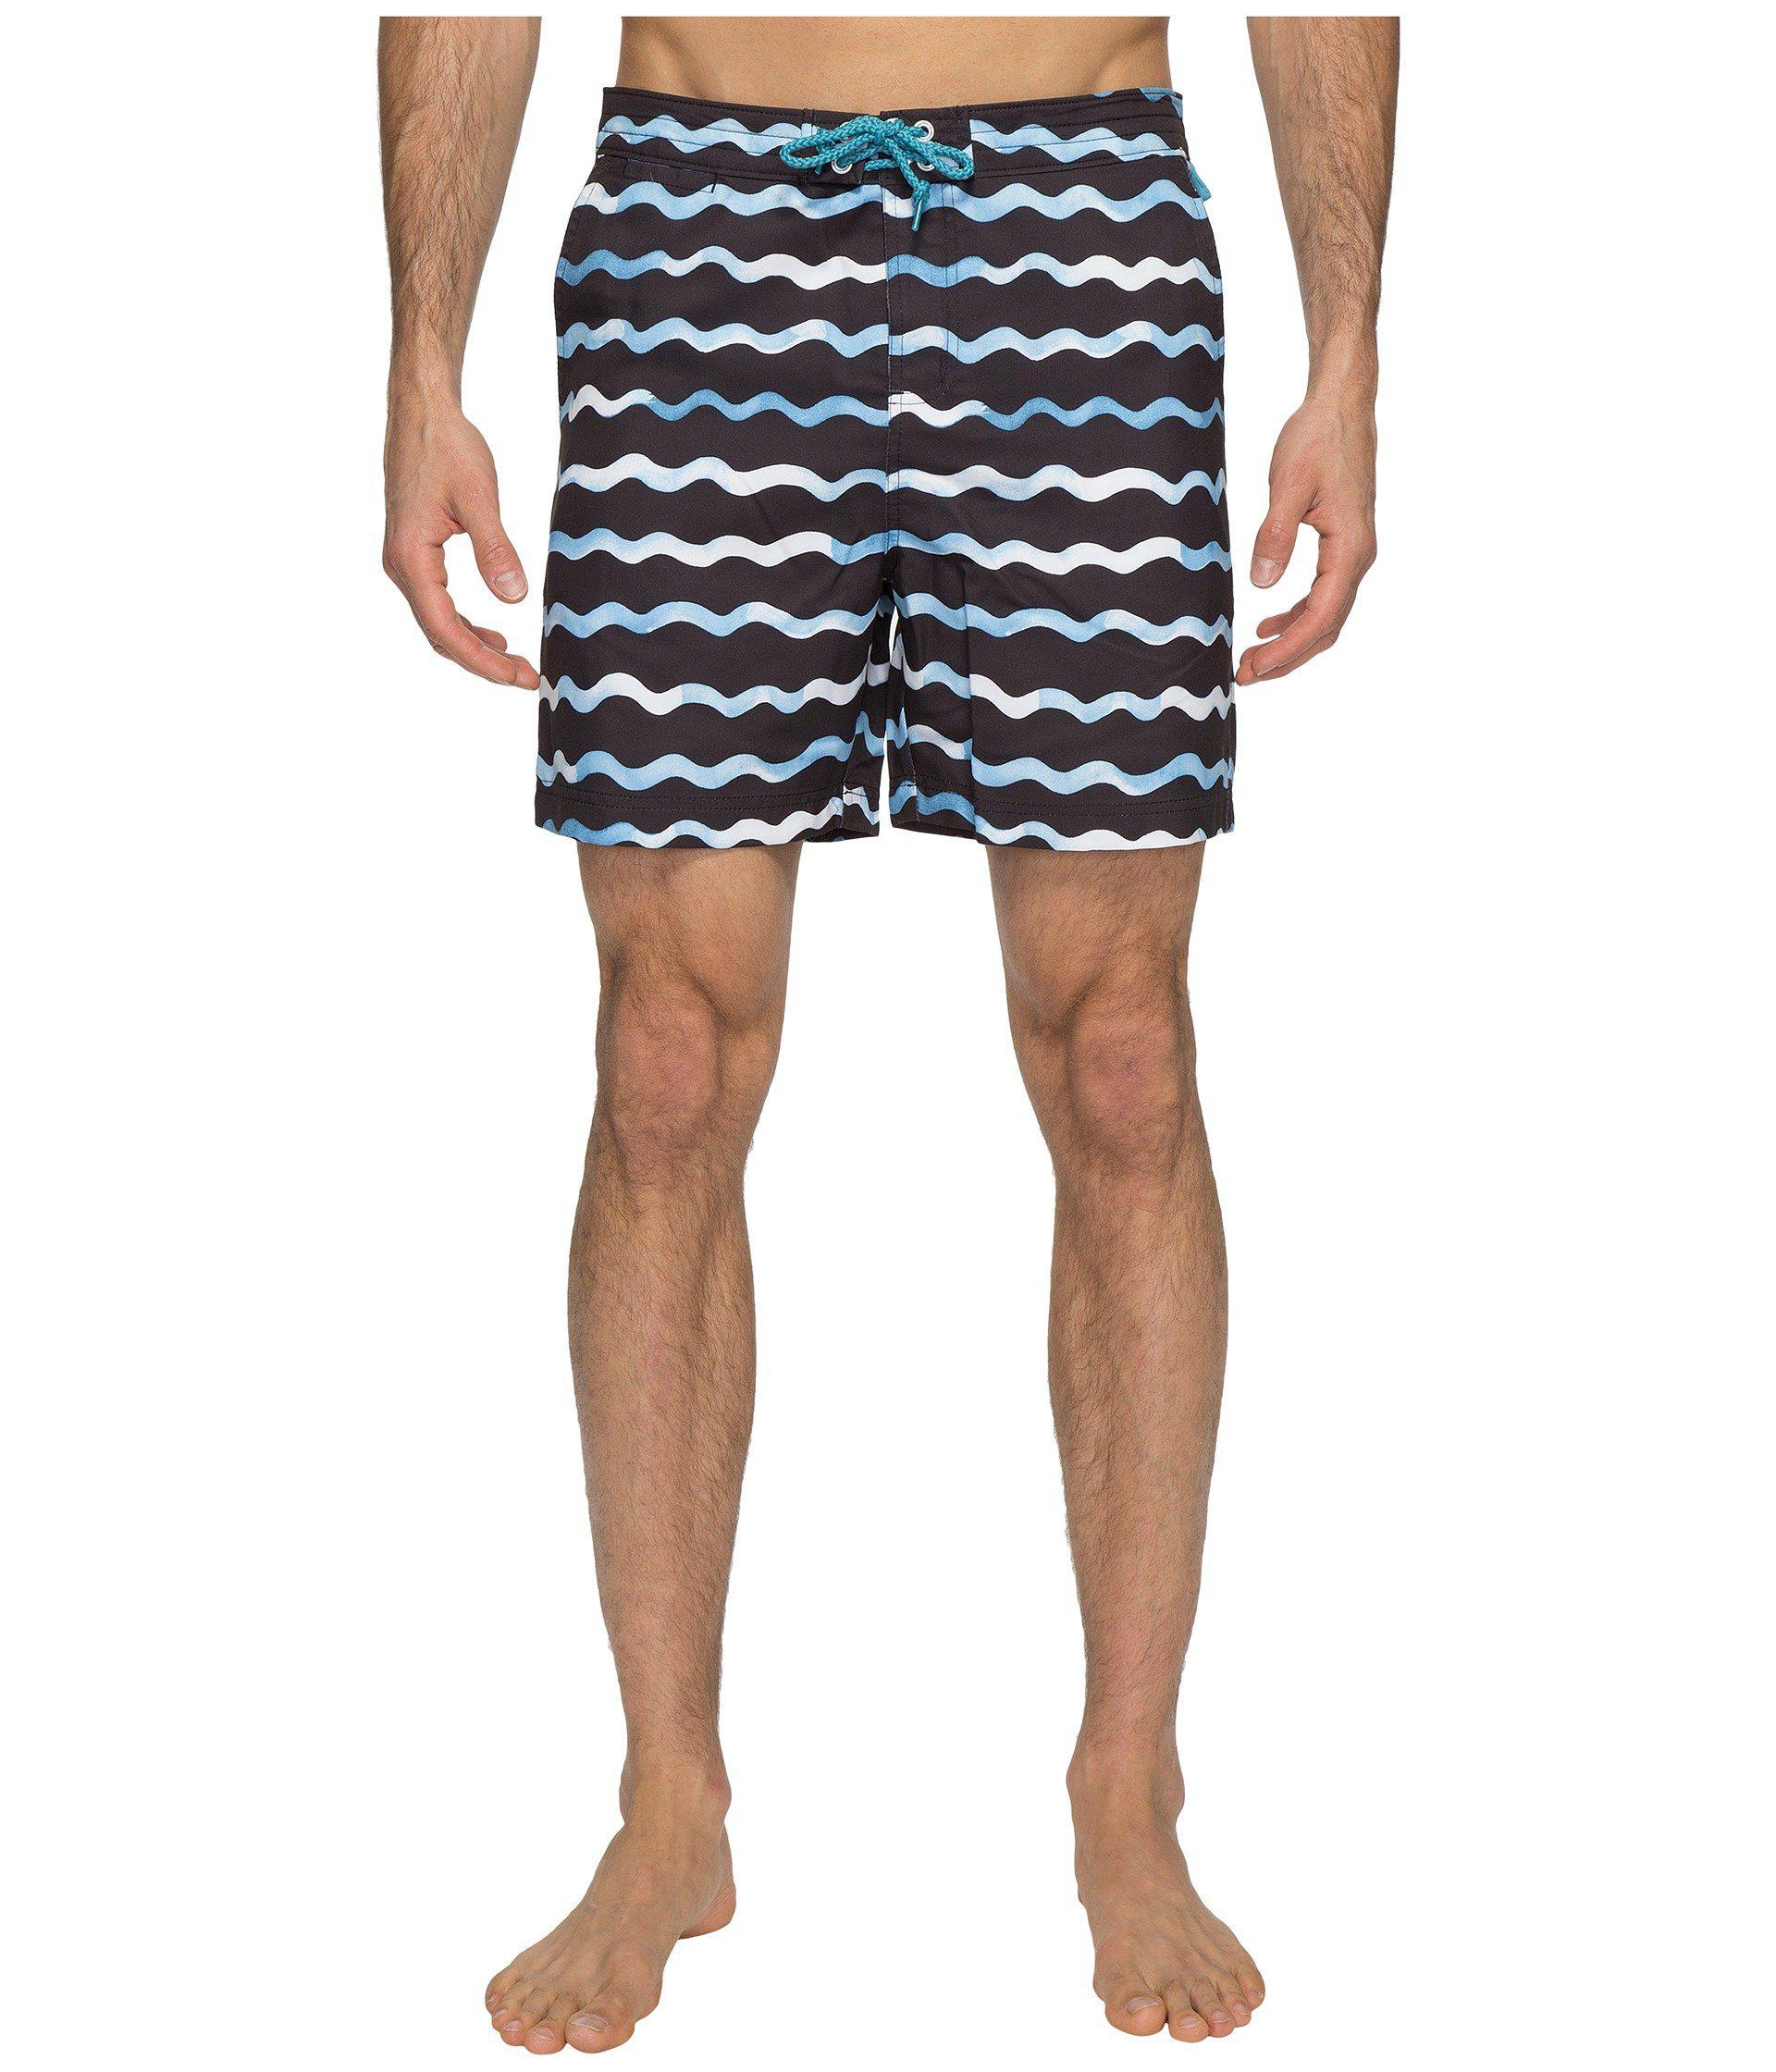 Watercolor Shorts Wave Original Blue Swim Penguin In Print Lyst gE6Tqa11